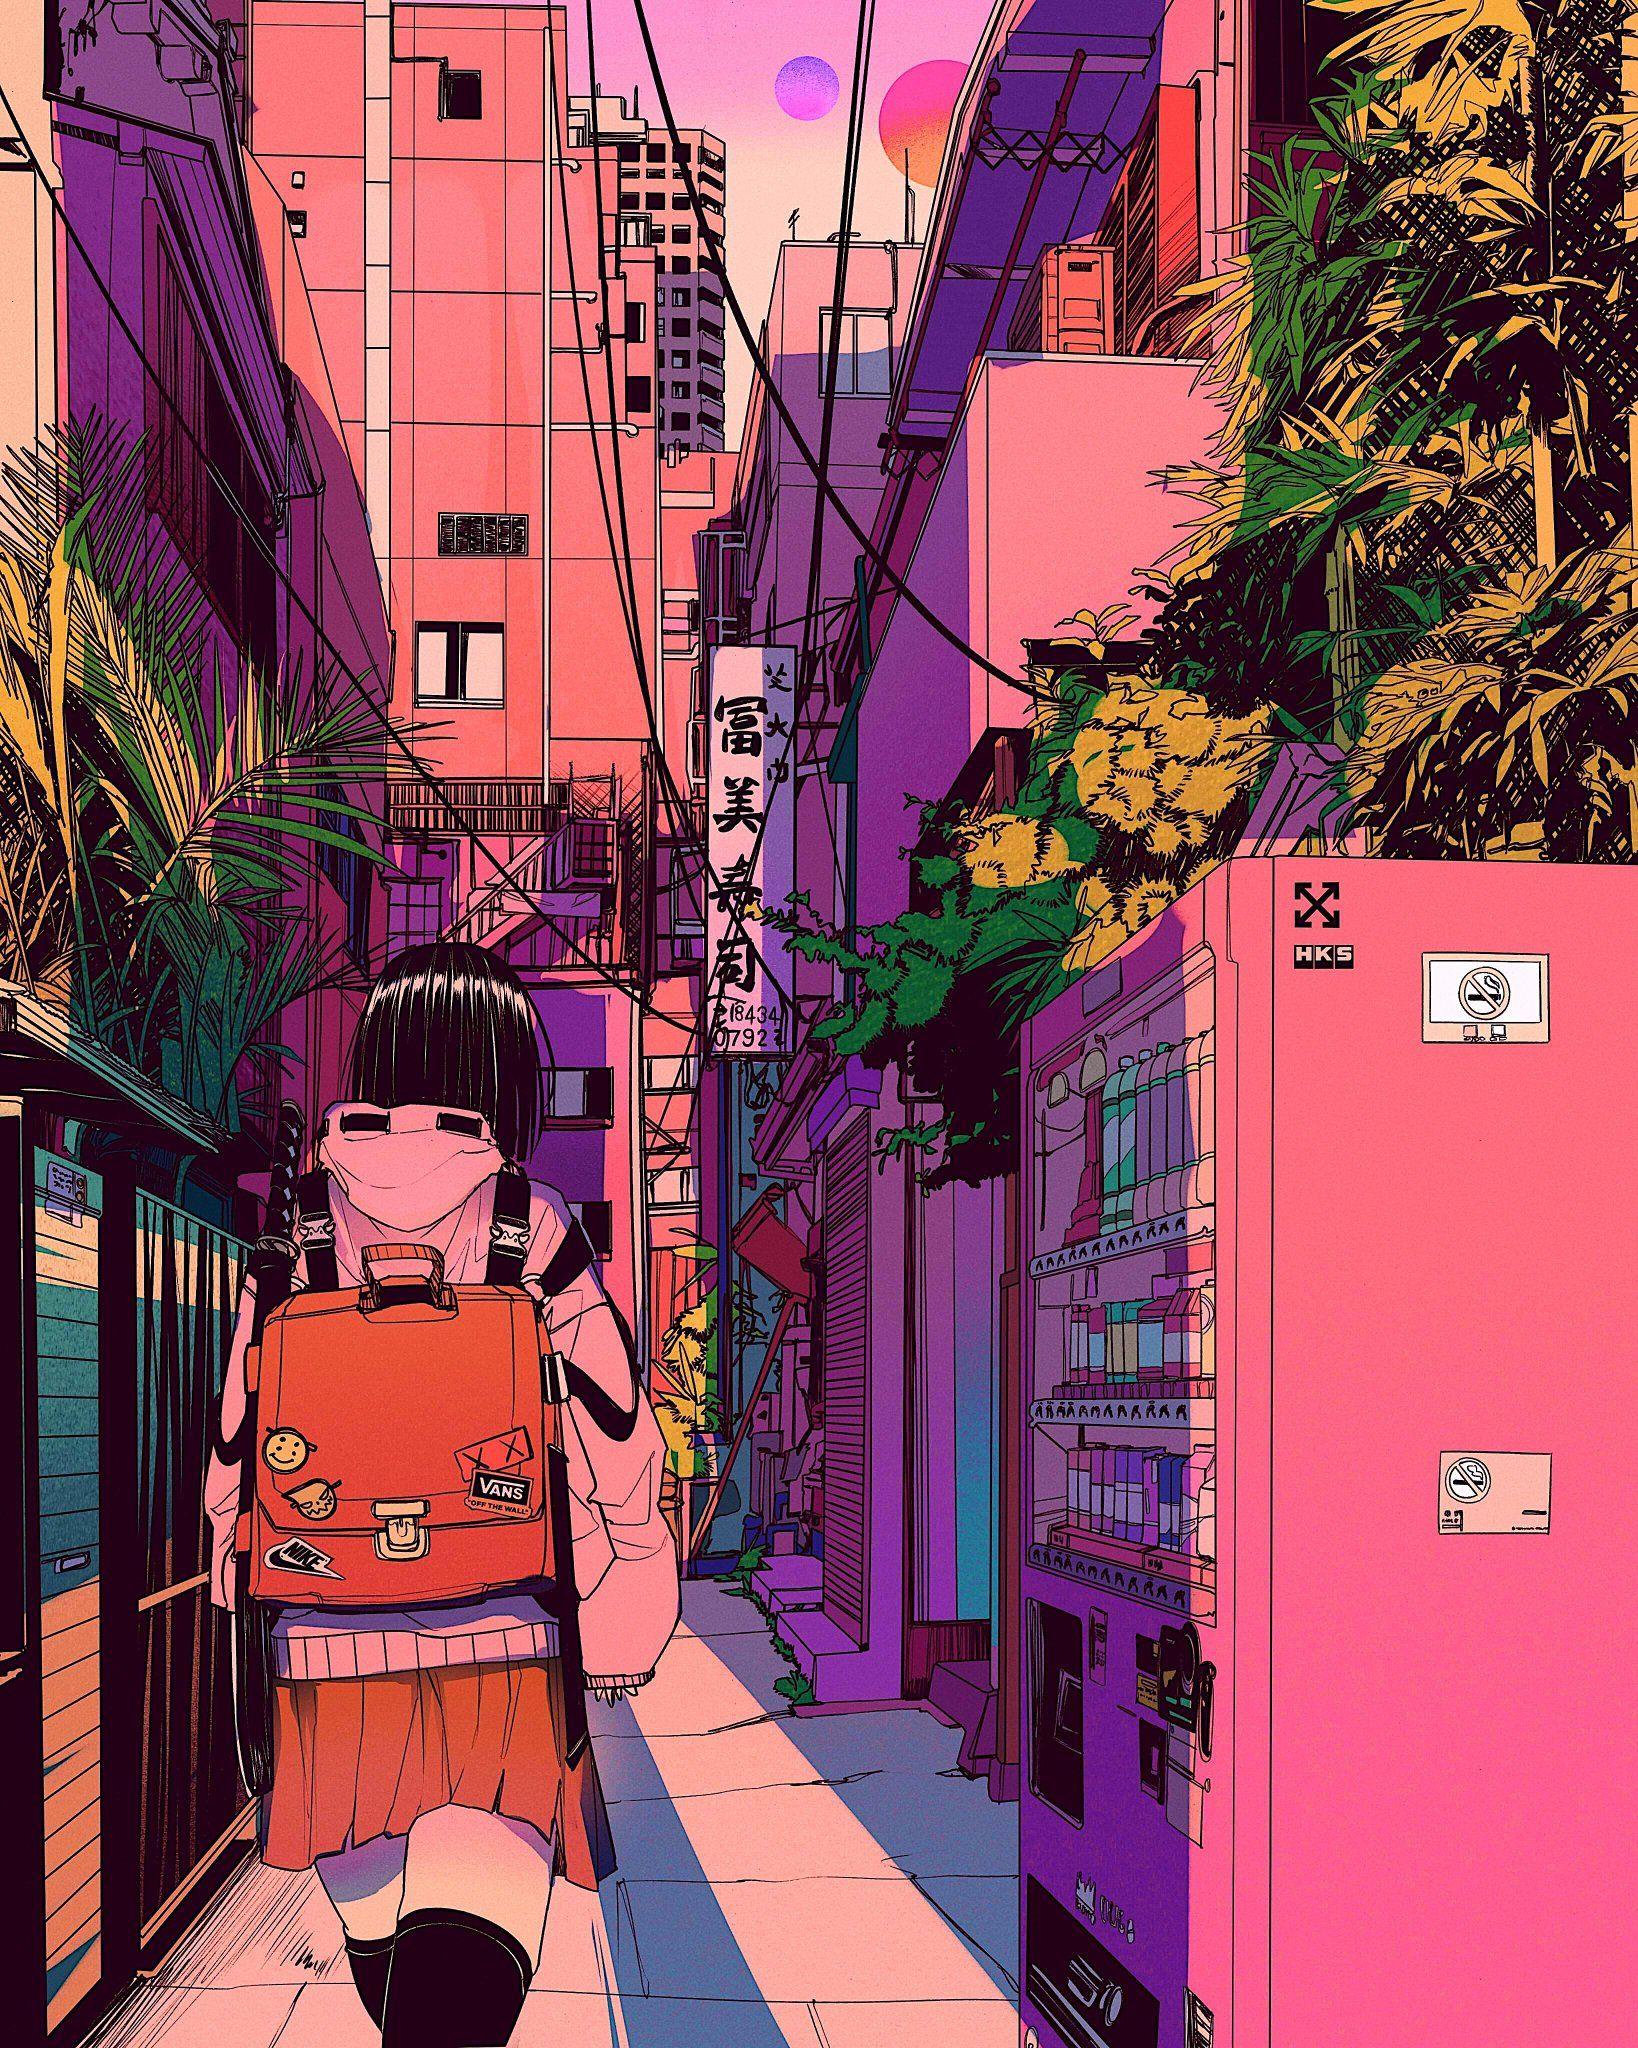 vinne on in 2020   Vaporwave art, Anime, Aesthetic anime